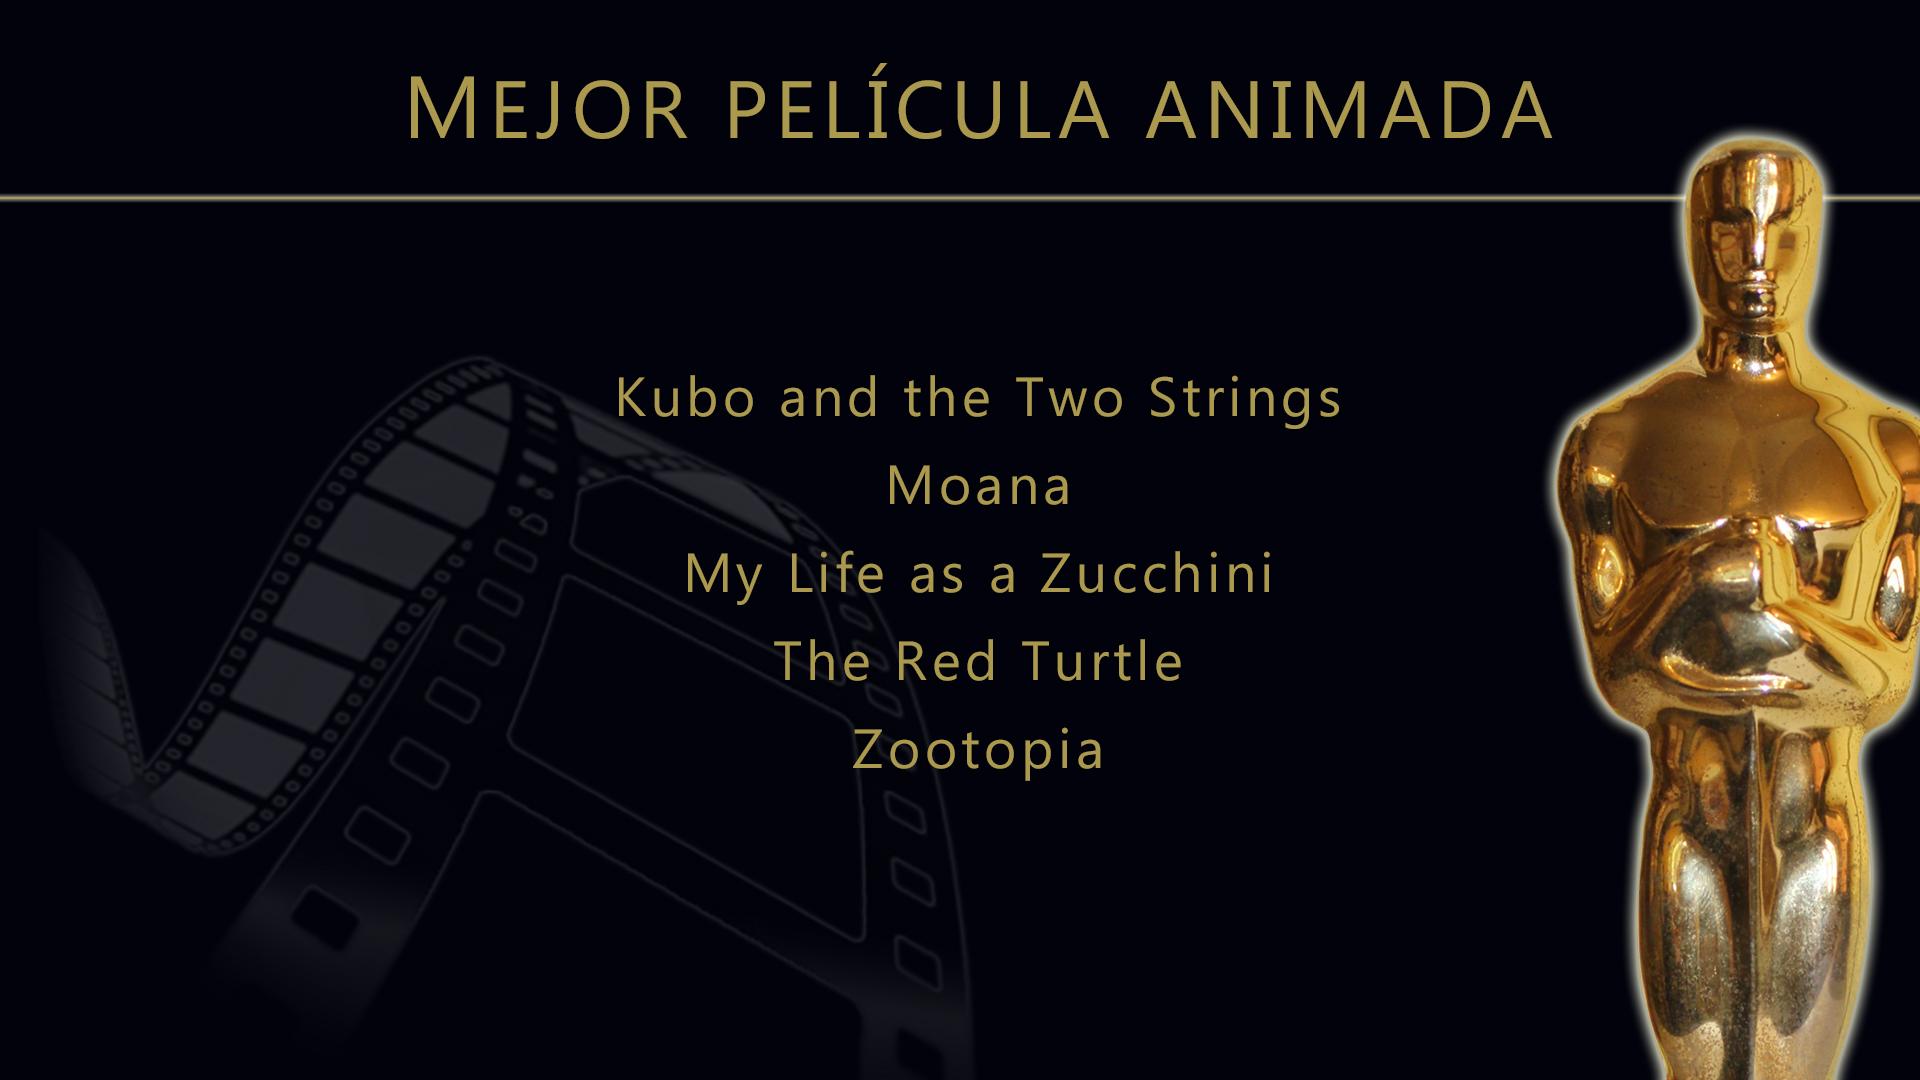 Resultado de imagen de nominados oscars pelicula de animacion 2017